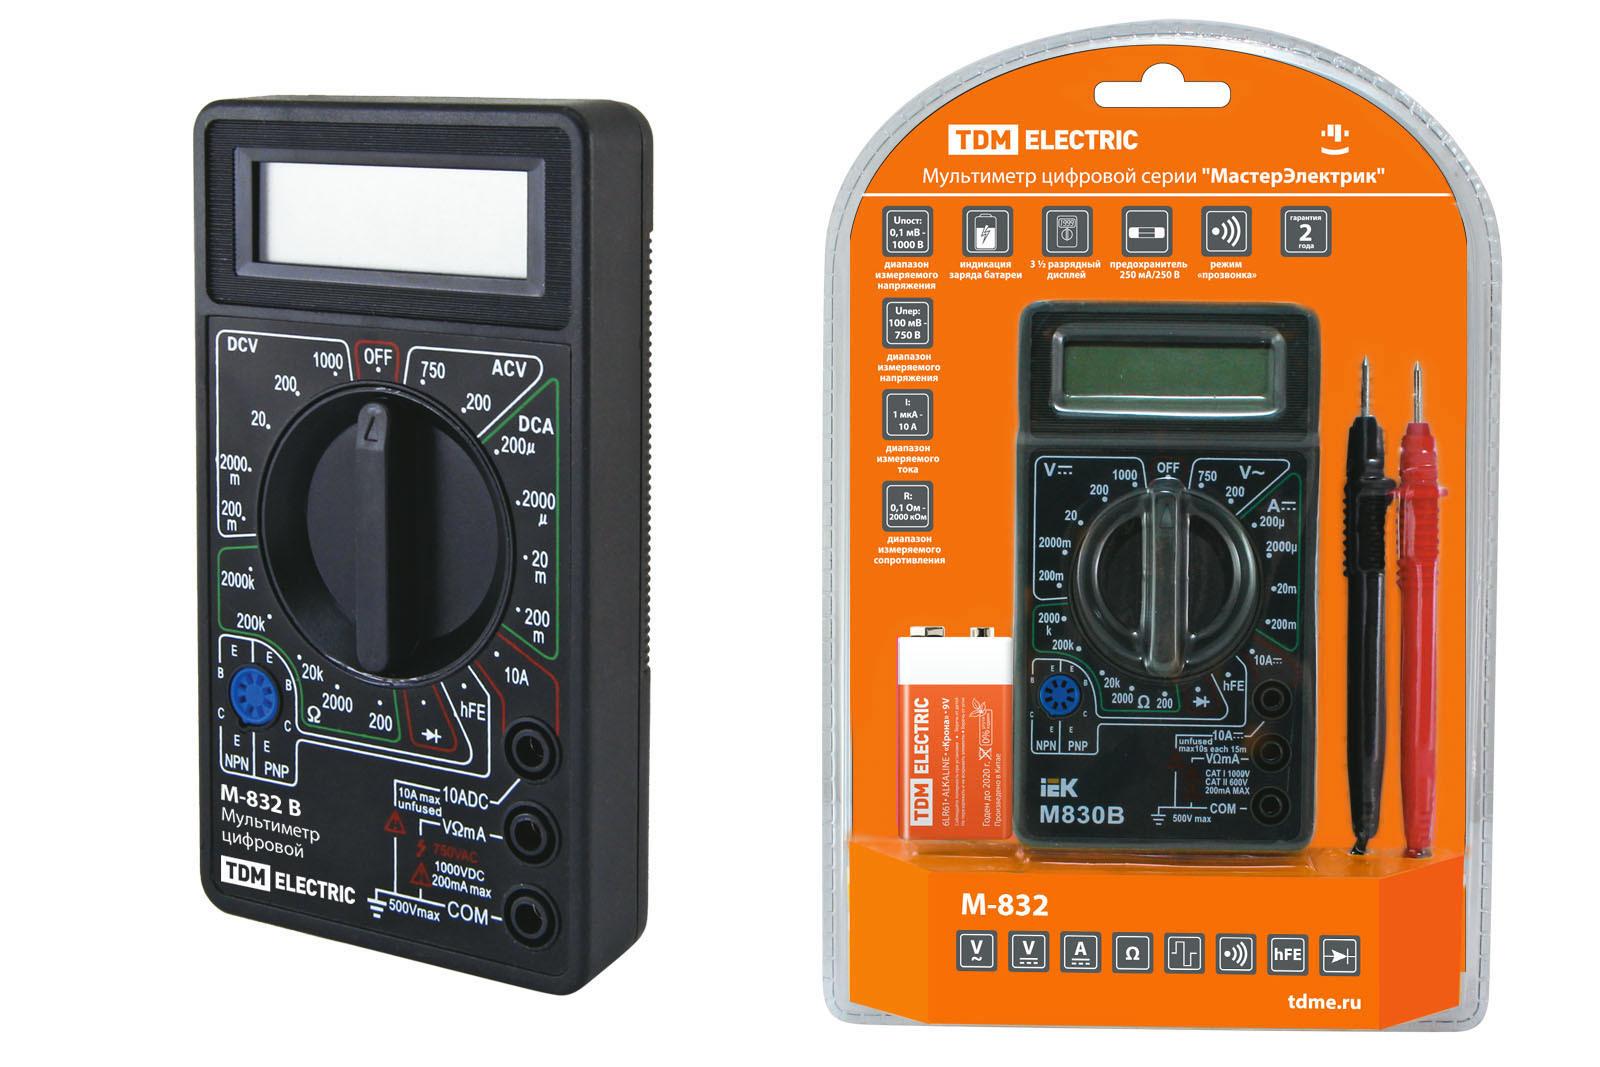 Мультиметр Tdm Sq1005-0001